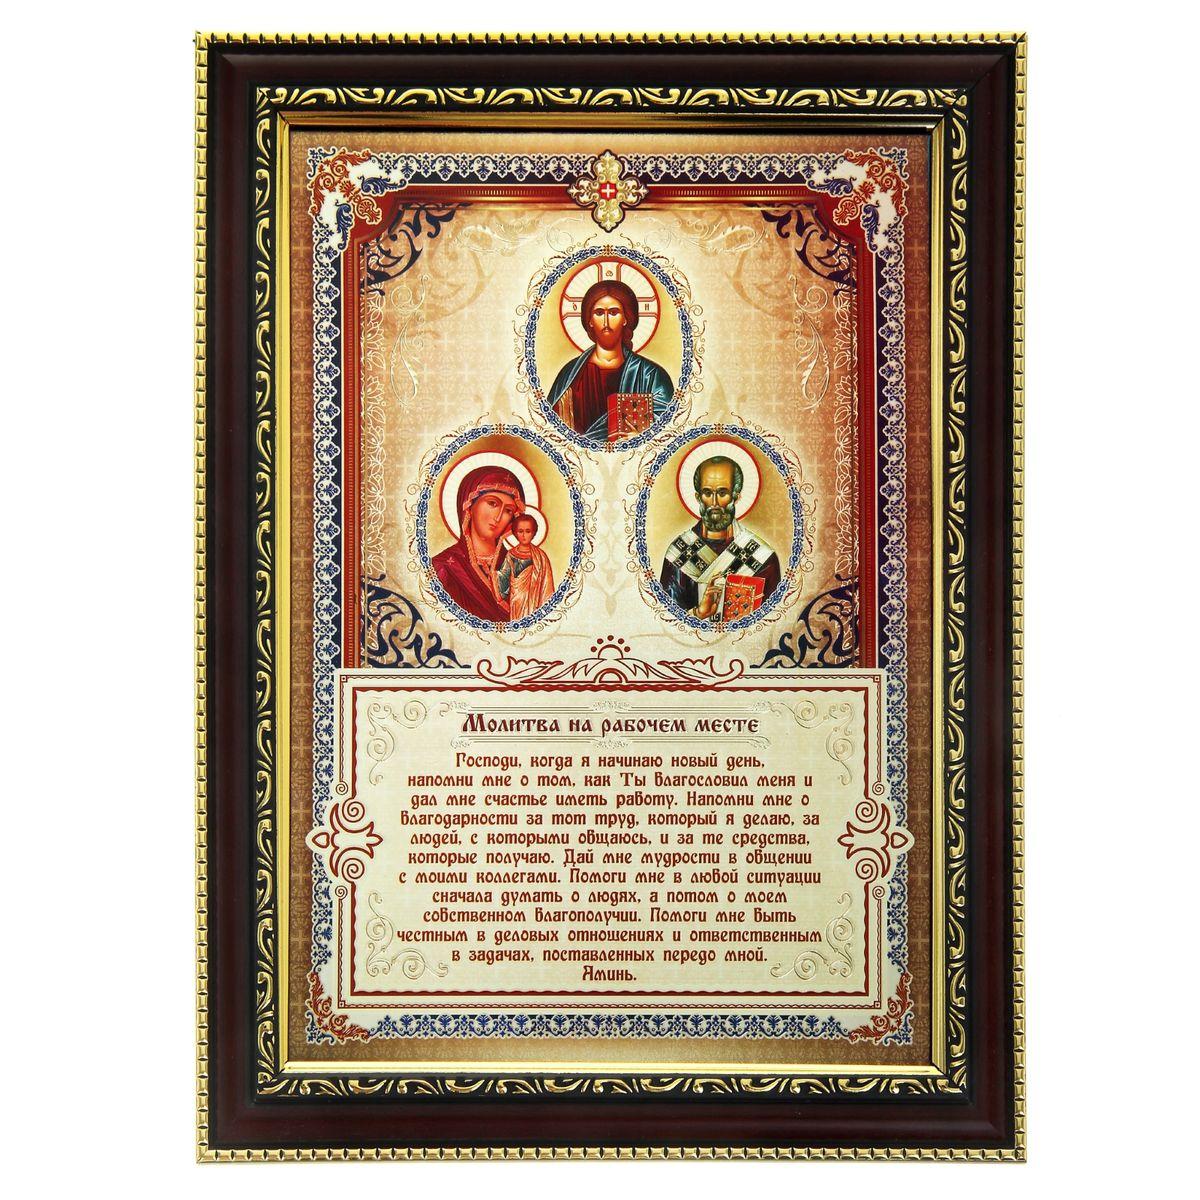 Икона с молитвой Молитва на рабочем месте, 26 х 34,5 смFS-91909Икона Молитва на рабочем месте состоит из деревянной рамки с пластиковым орнаментом и со стеклом, в которую вставлен фольгированный лист с изображением православной иконы и молитвы. С задней стороны имеется ножка для удобного размещения на плоской горизонтальной поверхности. Изображенный образ полностью соответствует канонам Русской Православной Церкви.Такая икона в рамке привнесет в ваш дом согласие и мир и будет прекрасным подарком, оберегающим близких вам людей.